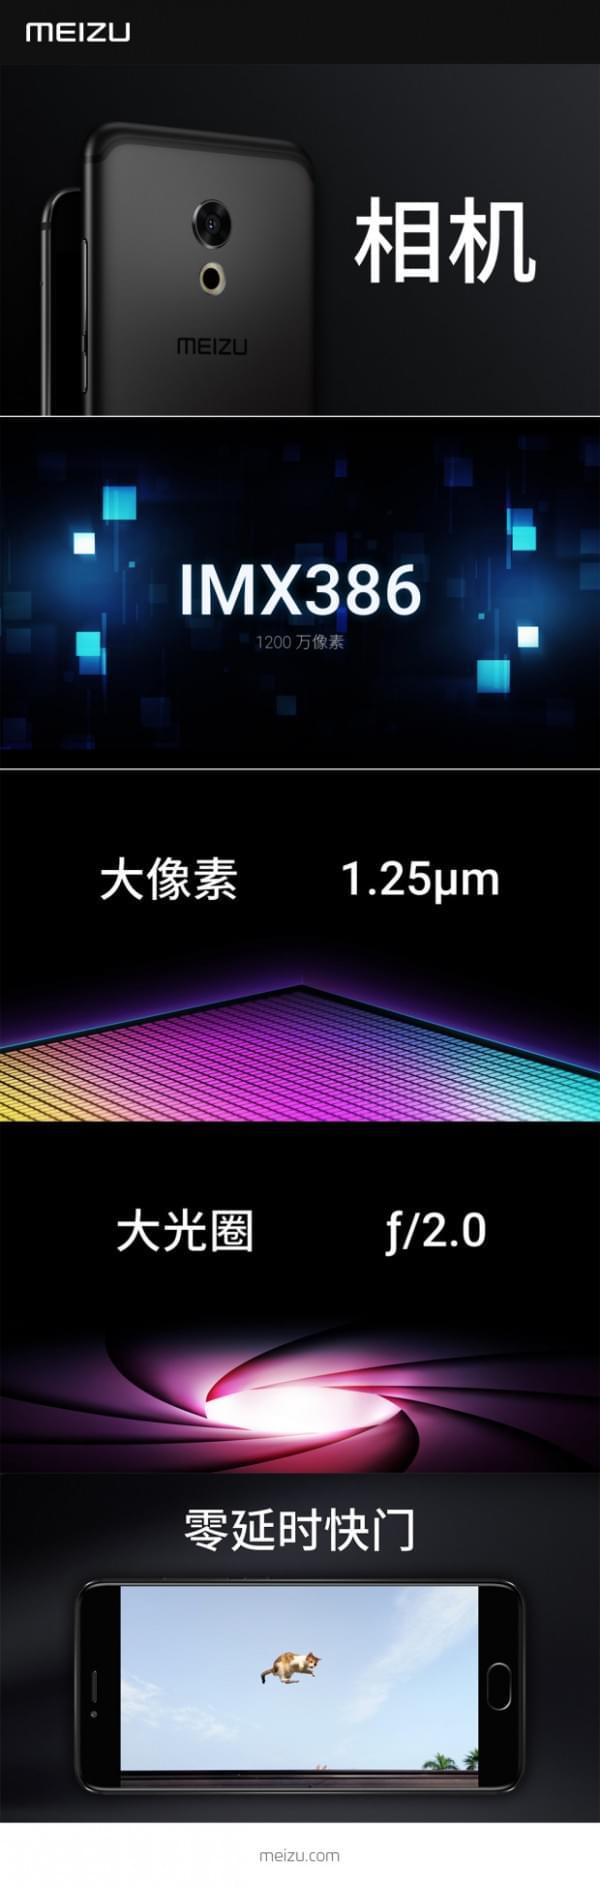 魅族发布PRO 6s 首次搭载光学防抖功能 售价2699元的照片 - 4